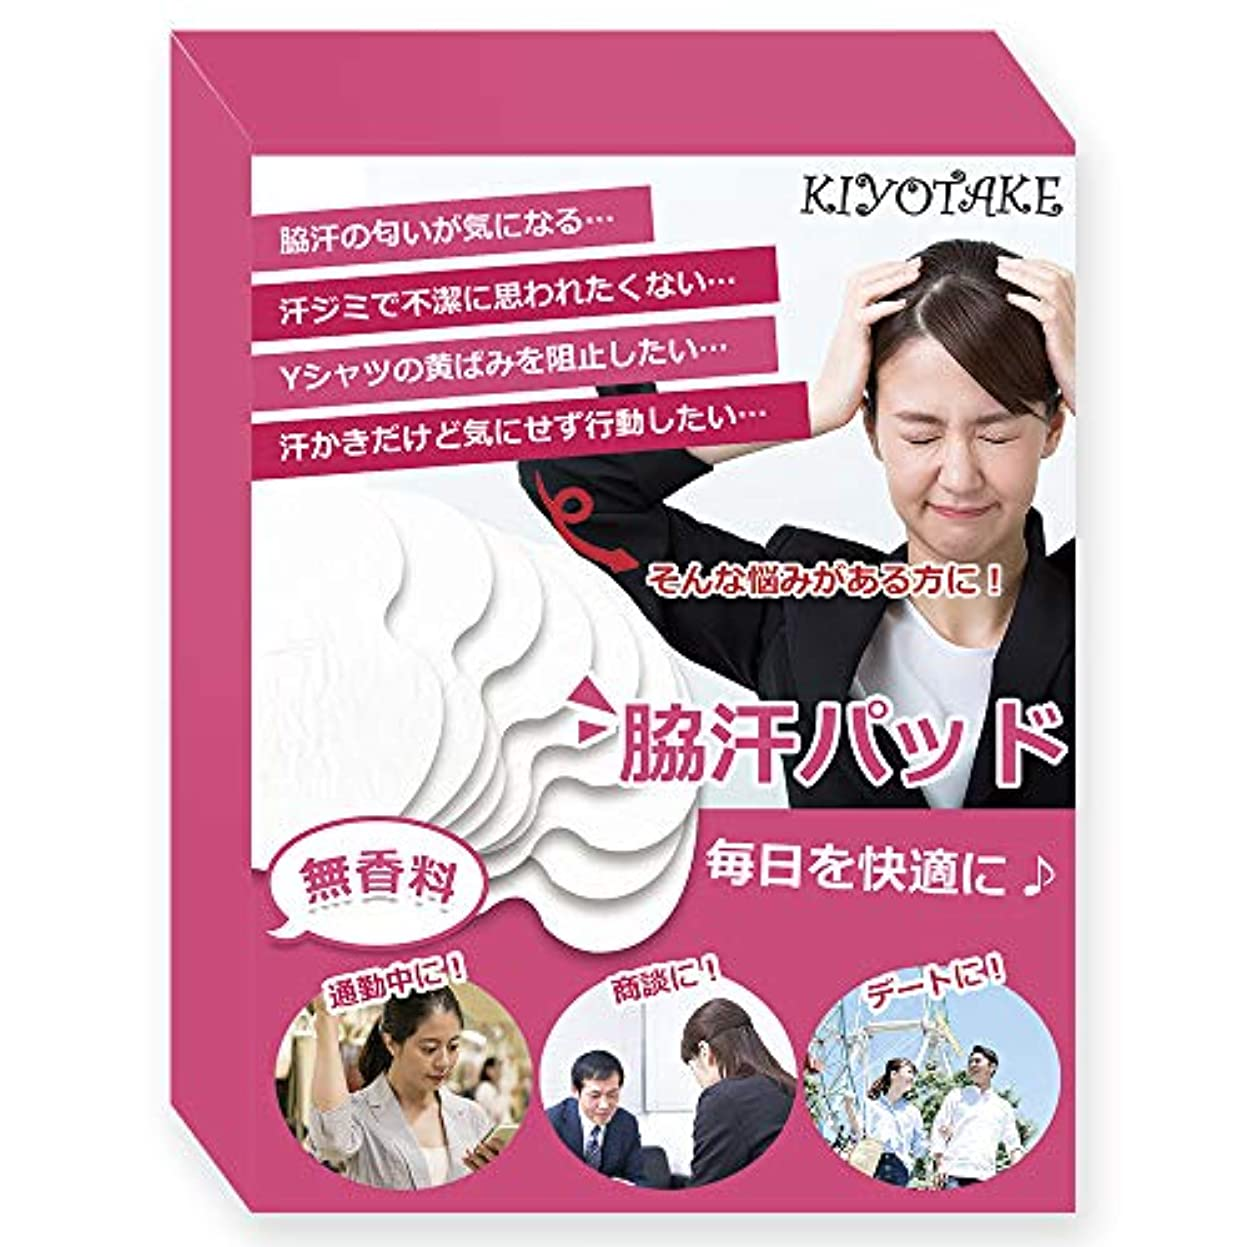 代替スラム街スポーツをする【kiyotake】 レディース 脇汗パッド 汗取り 汗じみ 防臭 防止 対策 女性用 40枚入り